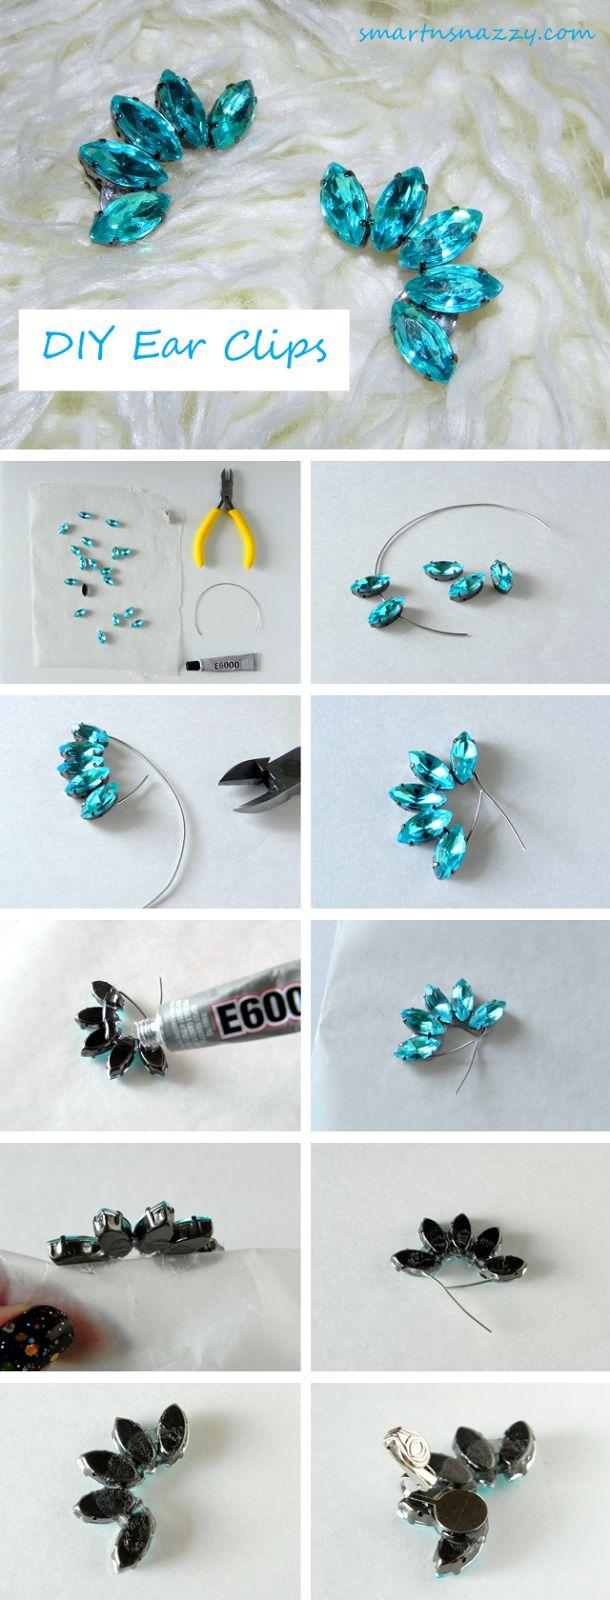 DIY Ear Clips Ear Cuffs Tutorial